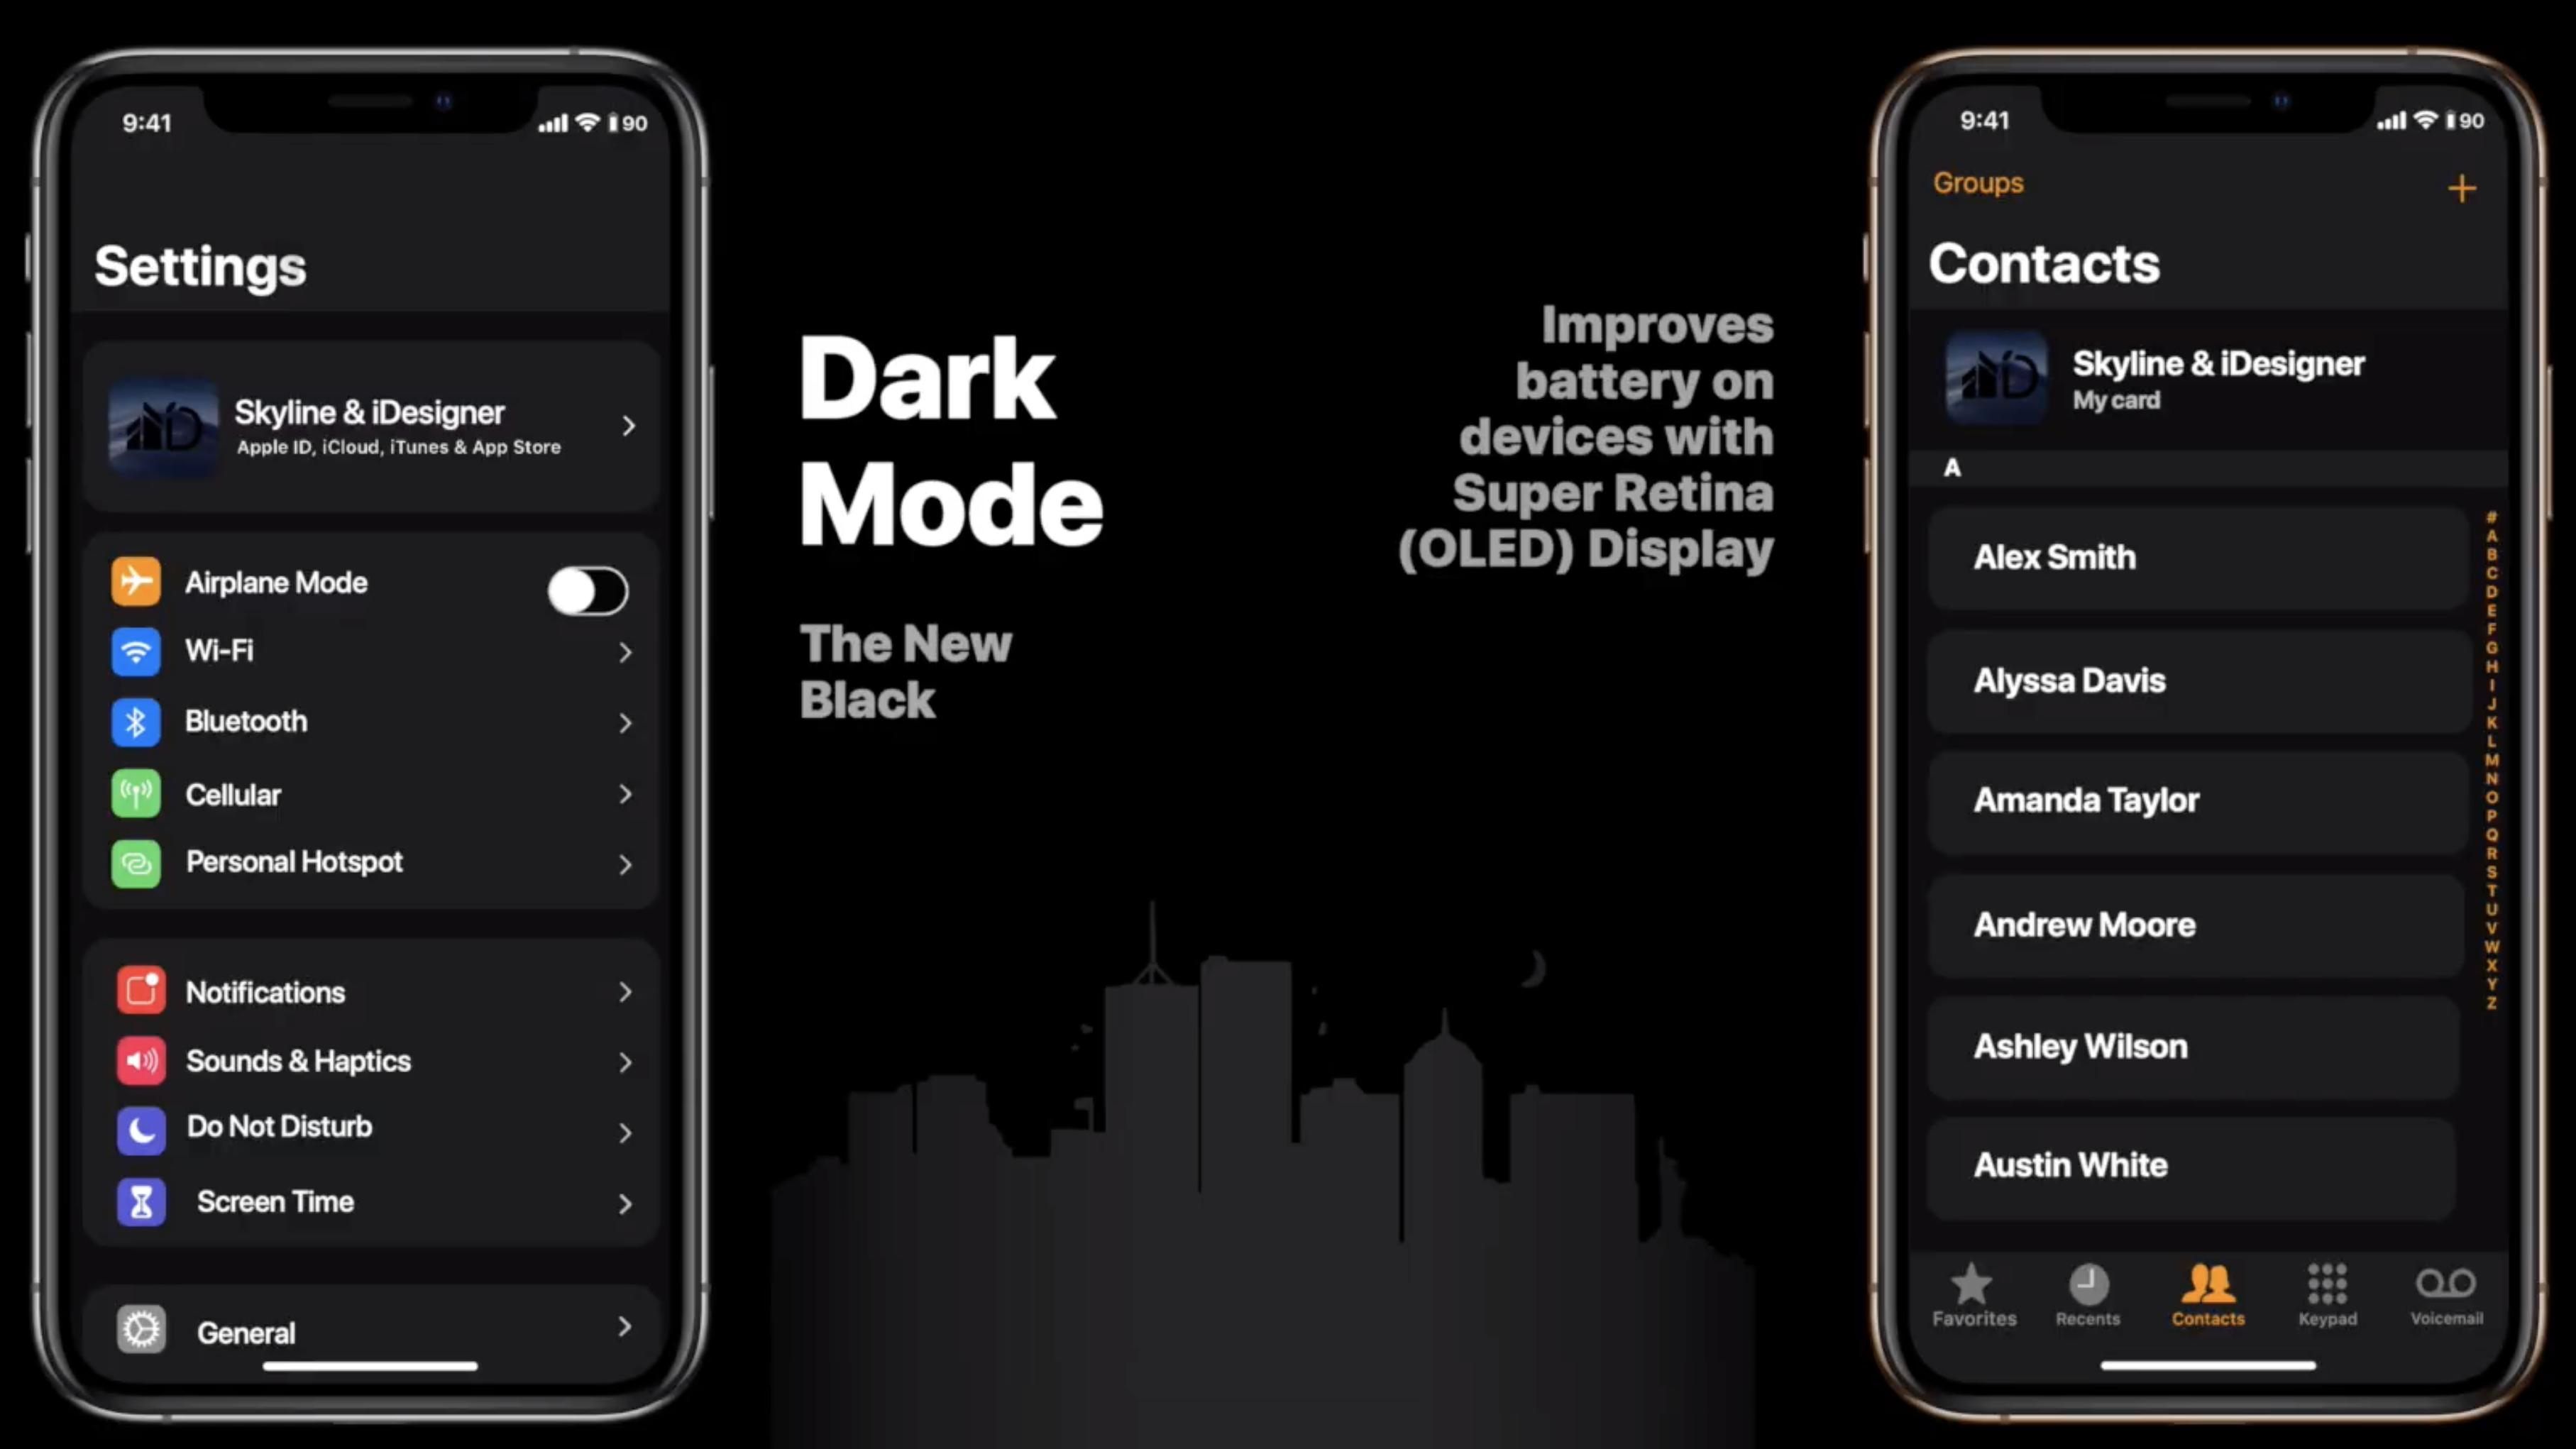 iOS 13 features dark mode